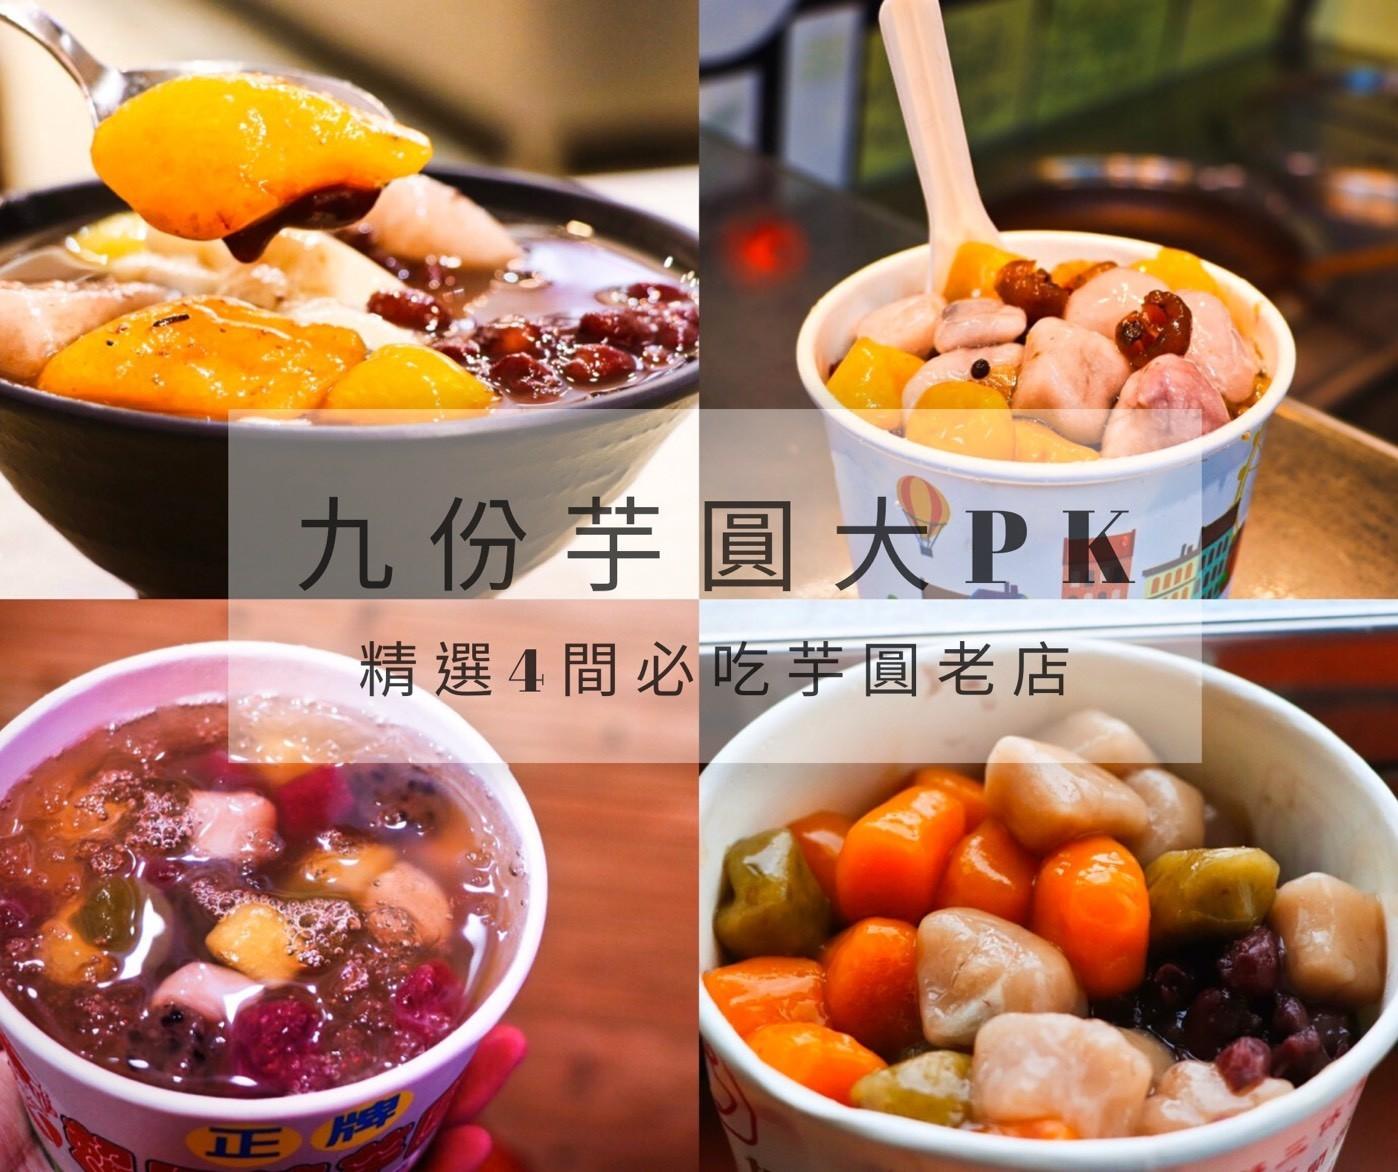 九份老街4大芋圓名店PK,吃給你看!【配料、價格、口味、評價】